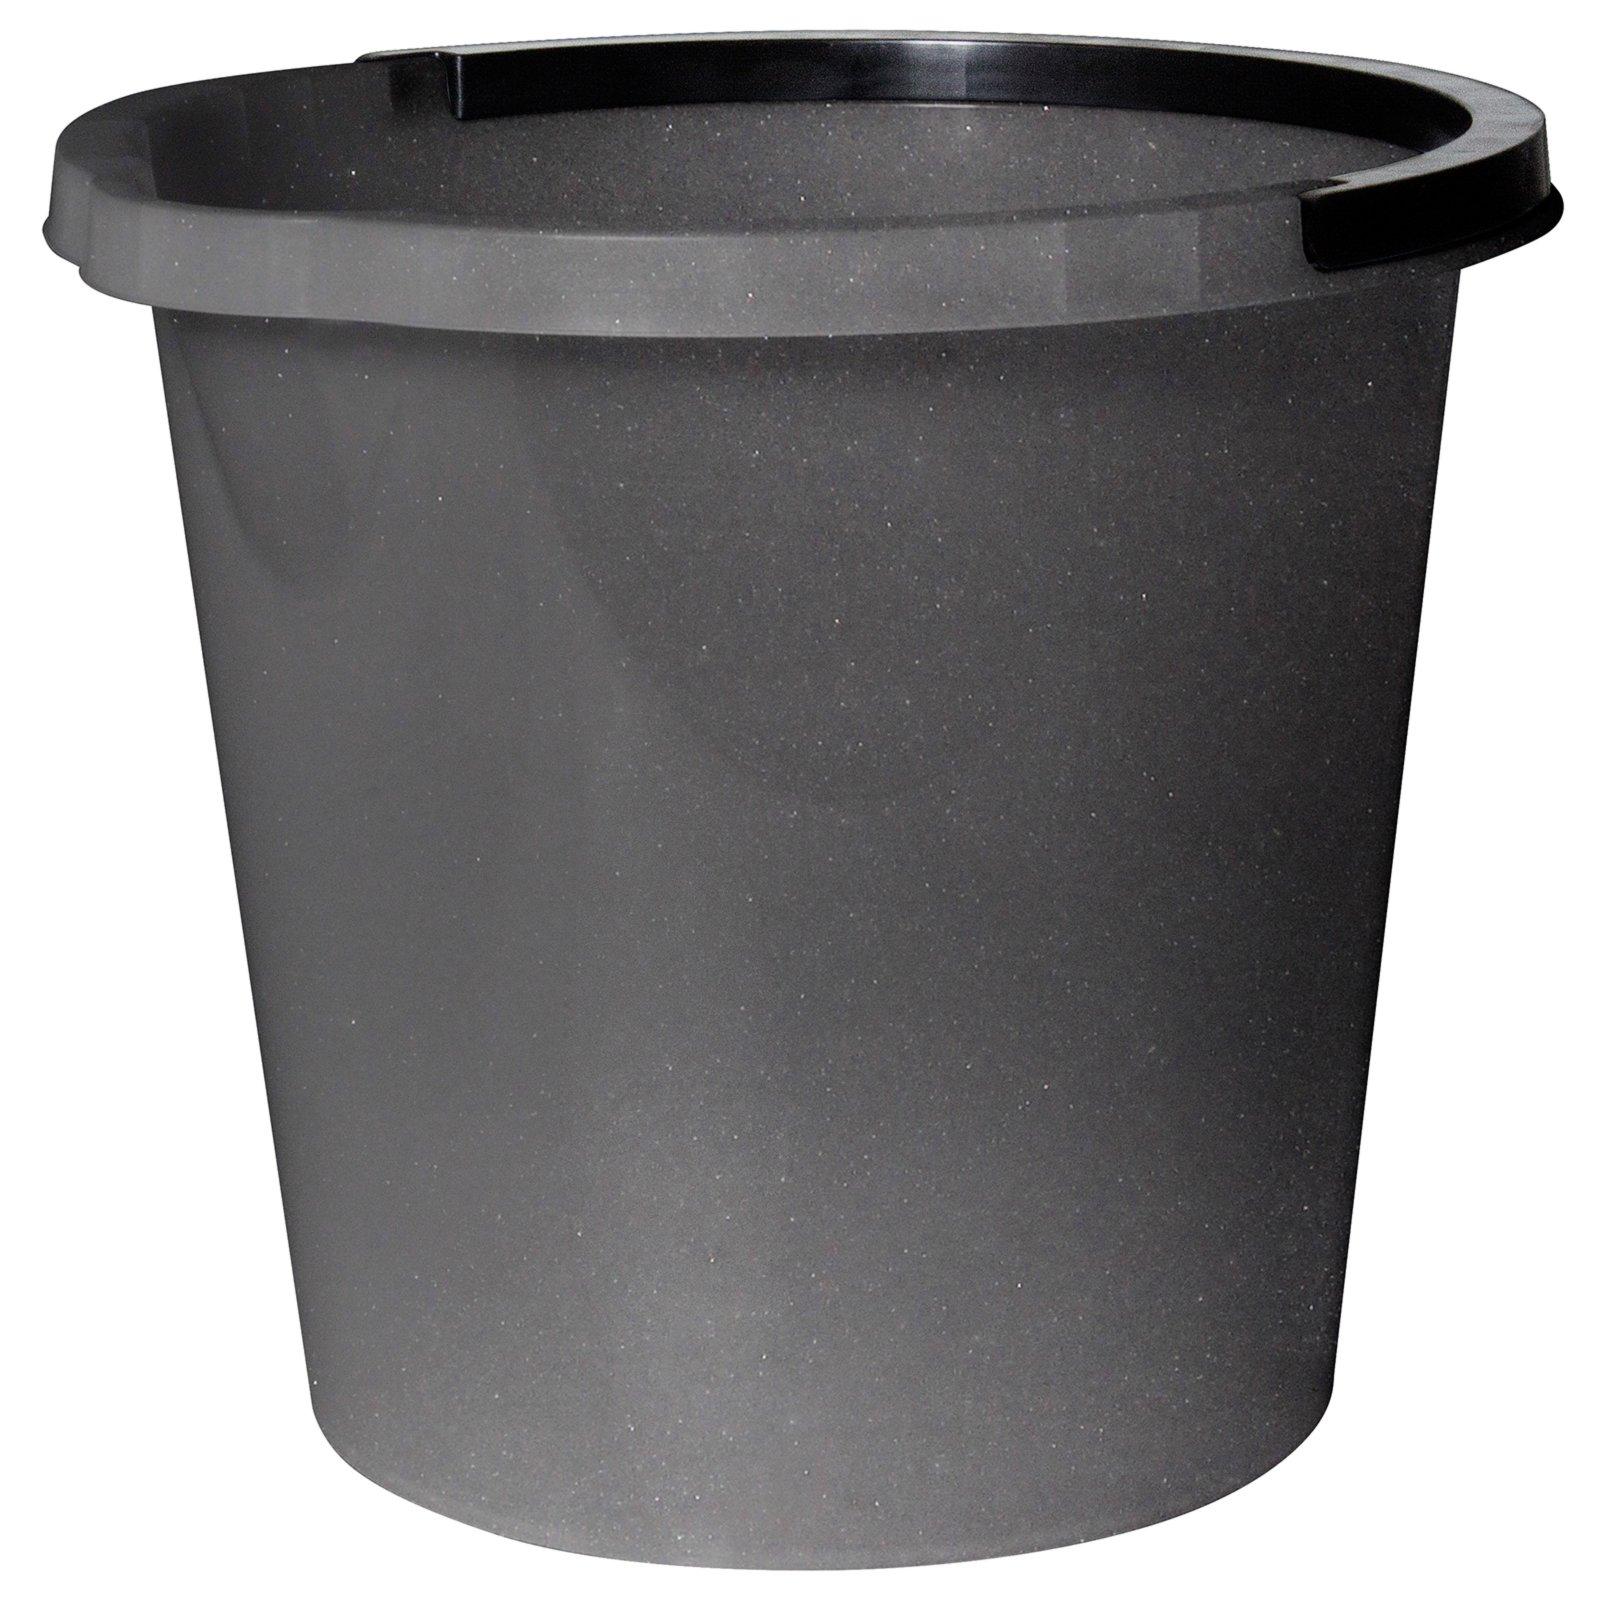 eimer mit ausgusslippe silber 10 liter mop bodenwischer reinigen hauswirtschaft. Black Bedroom Furniture Sets. Home Design Ideas